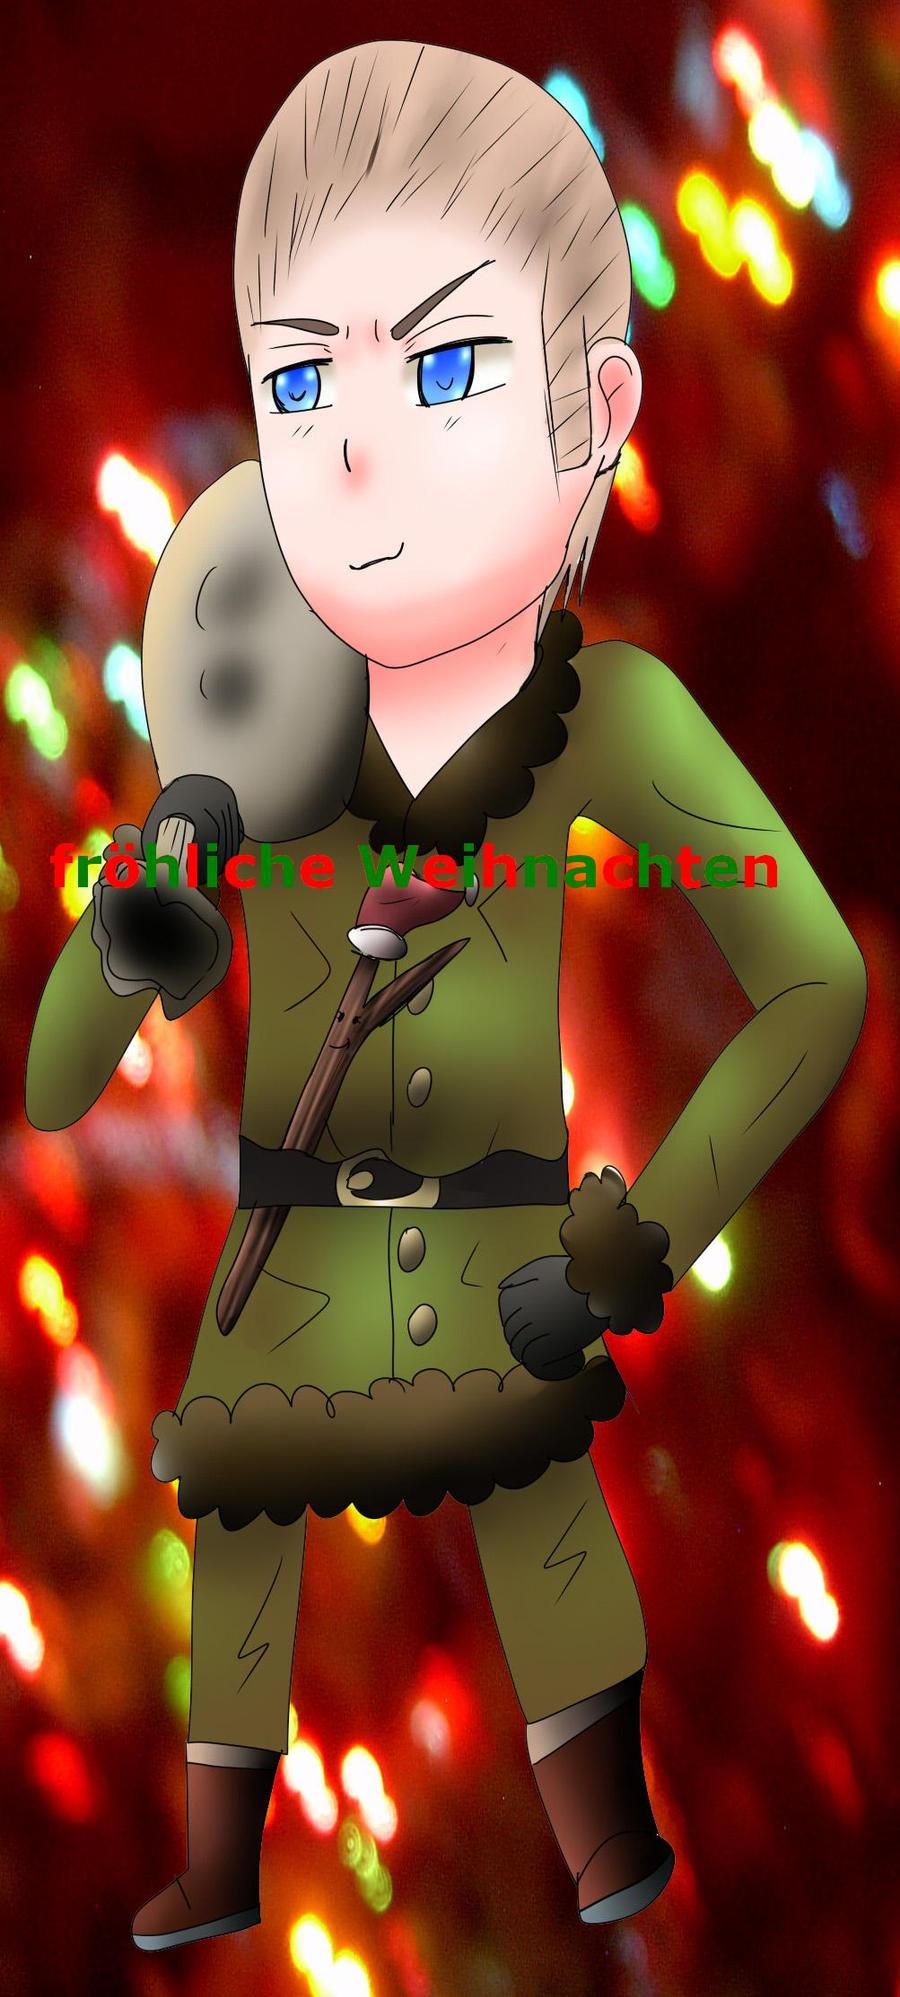 Germany  frohliche Weihnachten by ZzZNelliezZz